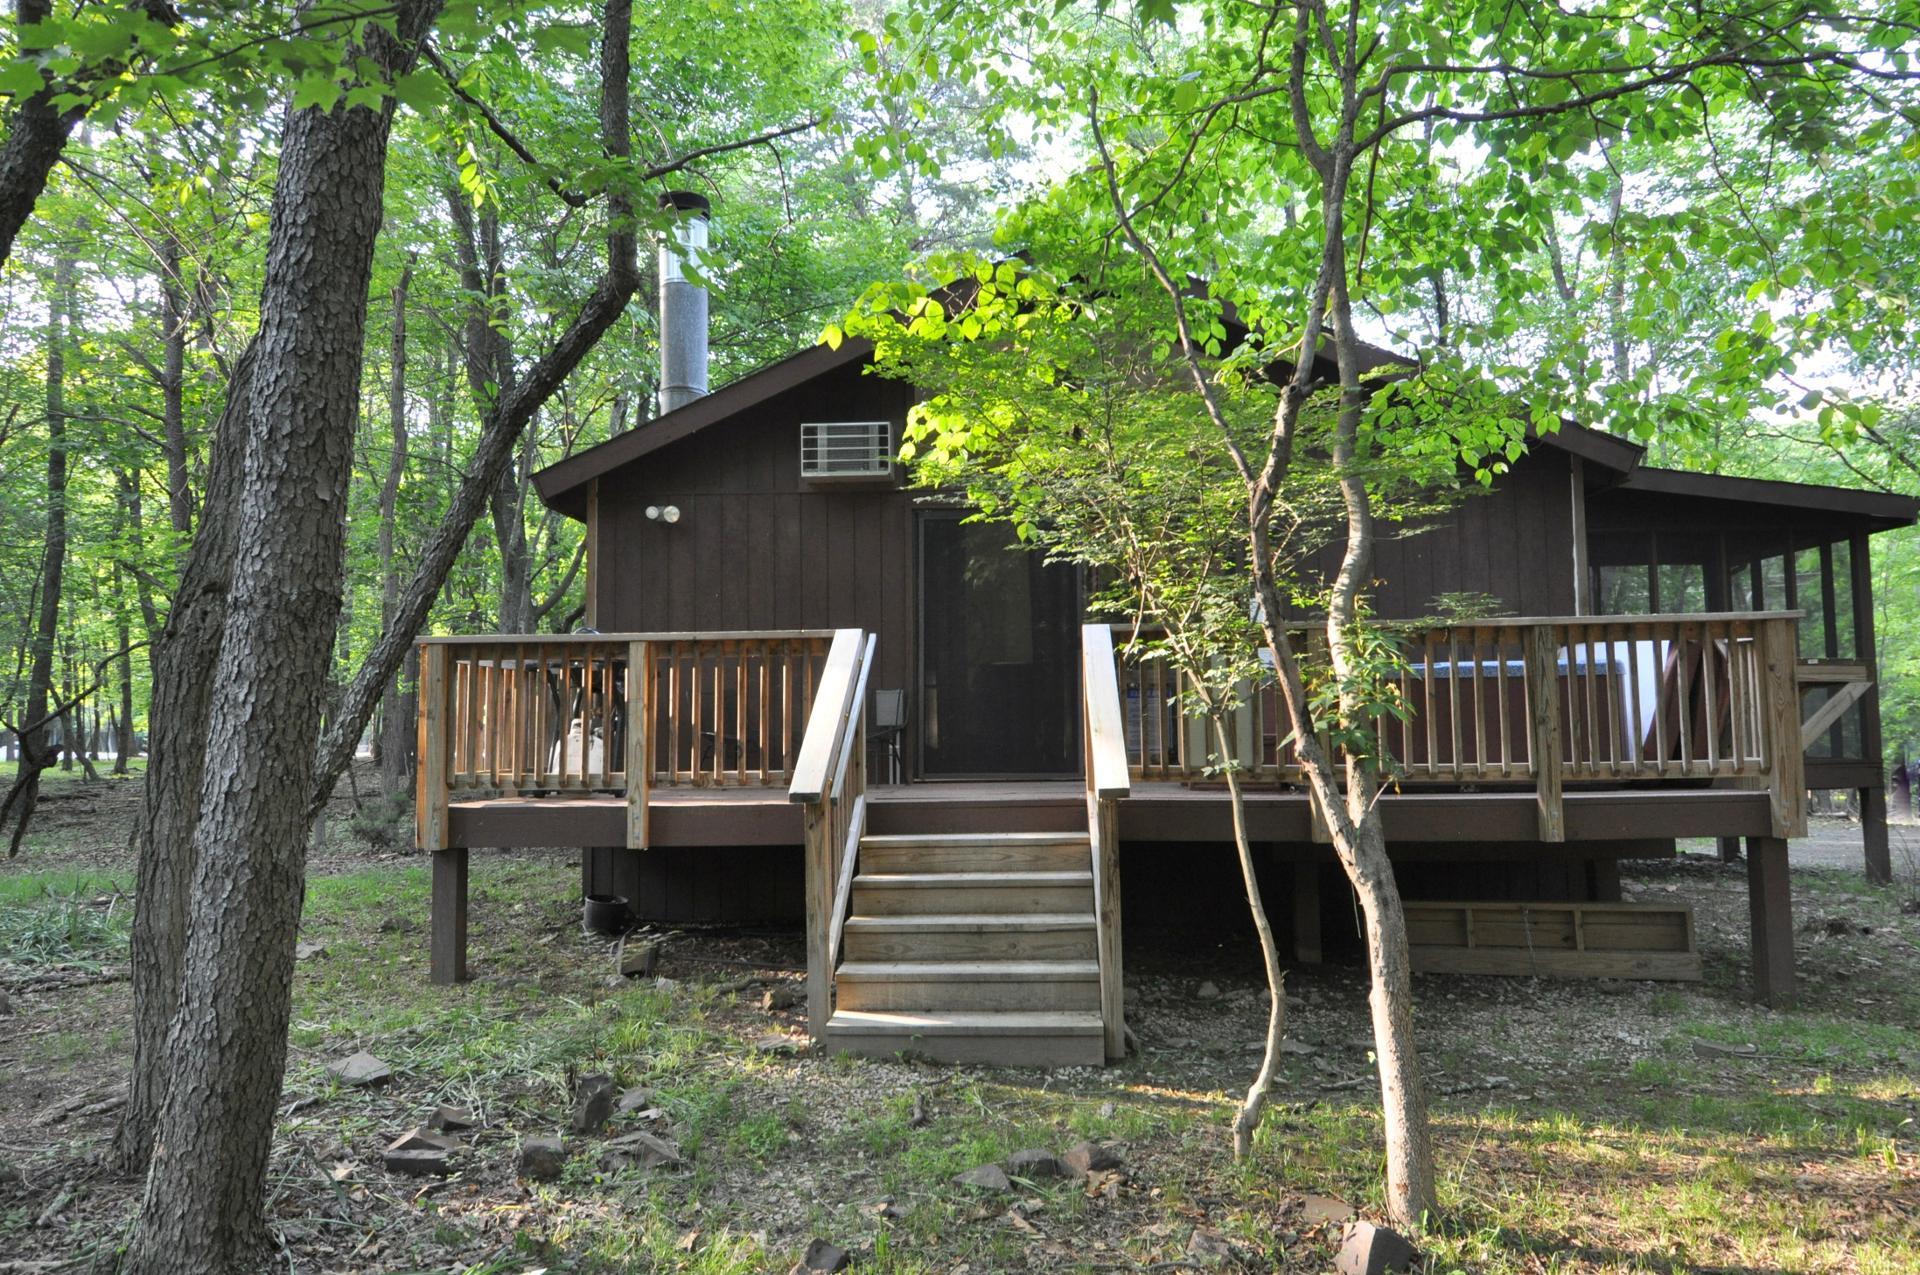 Woods Song rental home at Berkeley Springs Cottage Rentals in Berkeley Springs West Virginia